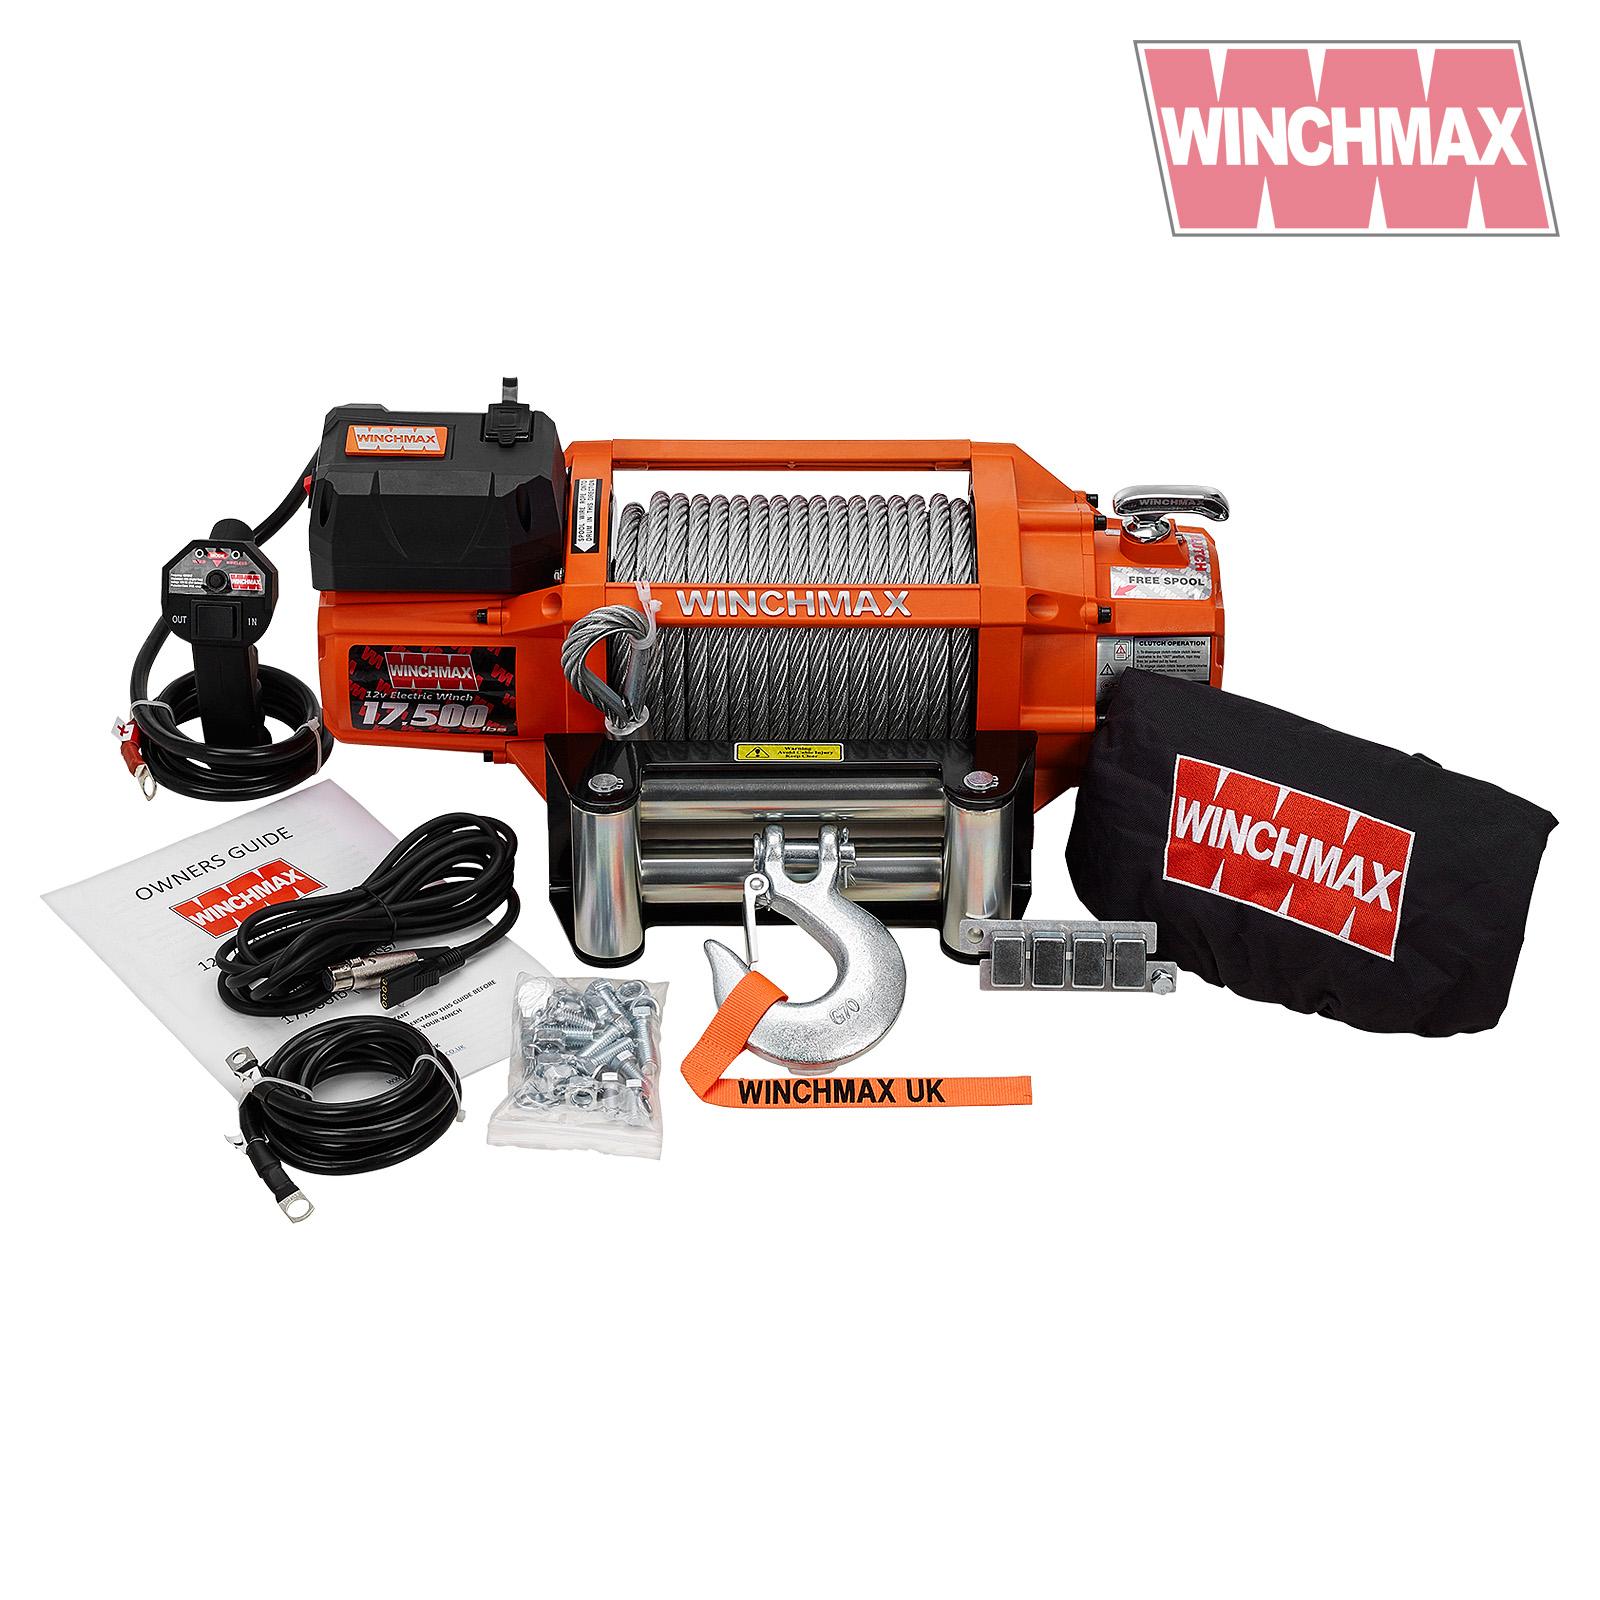 Wmsl1750012v winchmax6.15198929 white 01